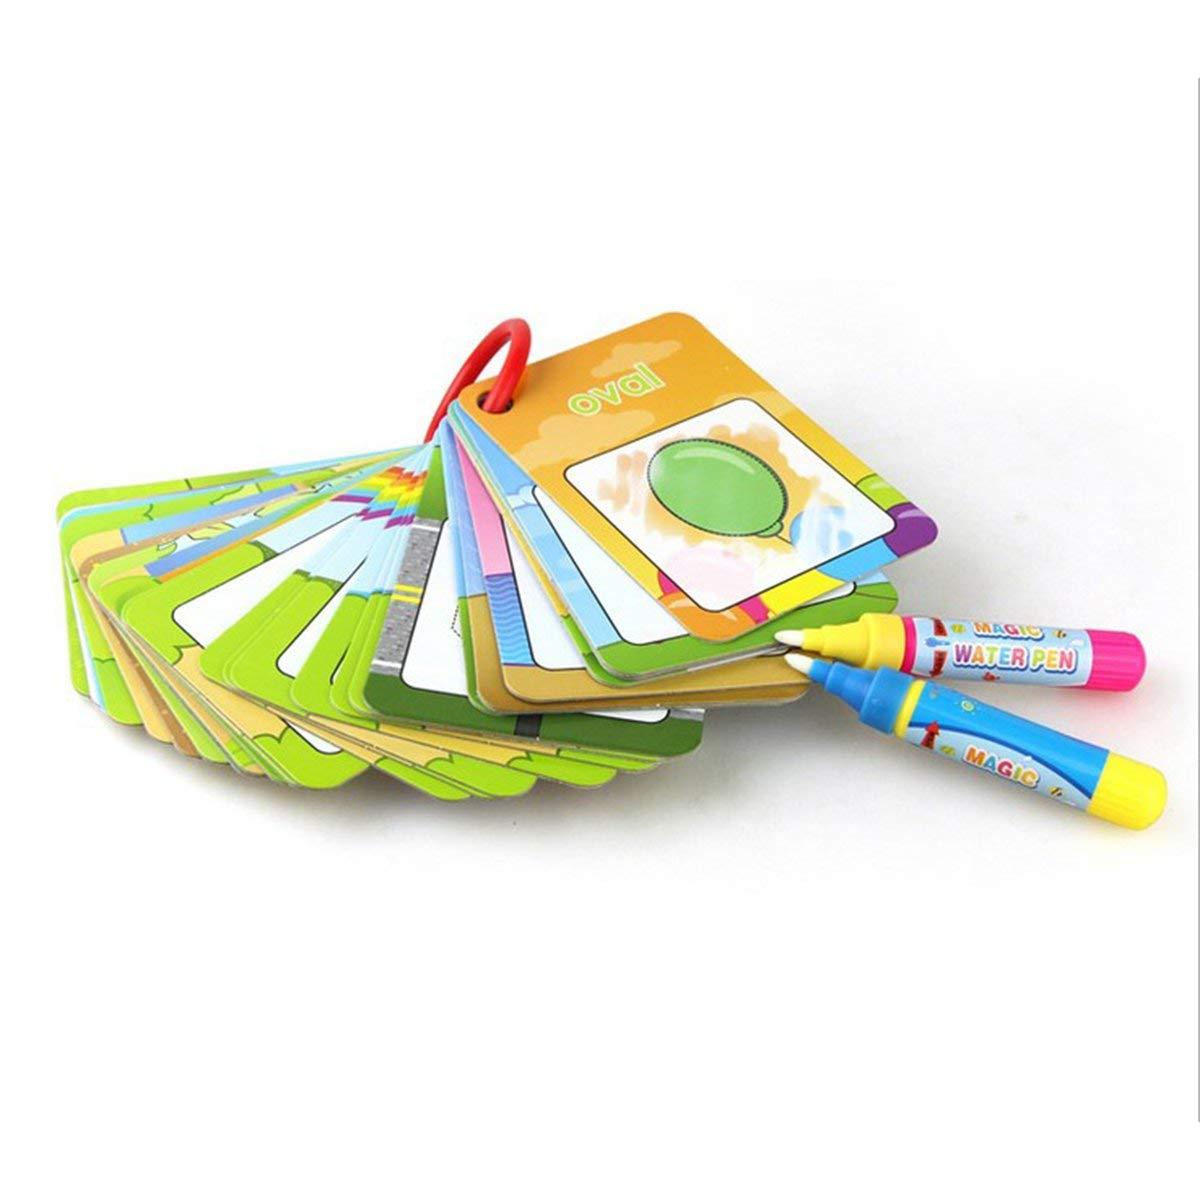 Gugutogo Tarjeta de Dibujo acuá tico Libro para Colorear con 2 bolí grafos má gicos Carta con el nú mero Tarjeta de Pintura cognitiva Juguetes educativos para niñ osmulticolor